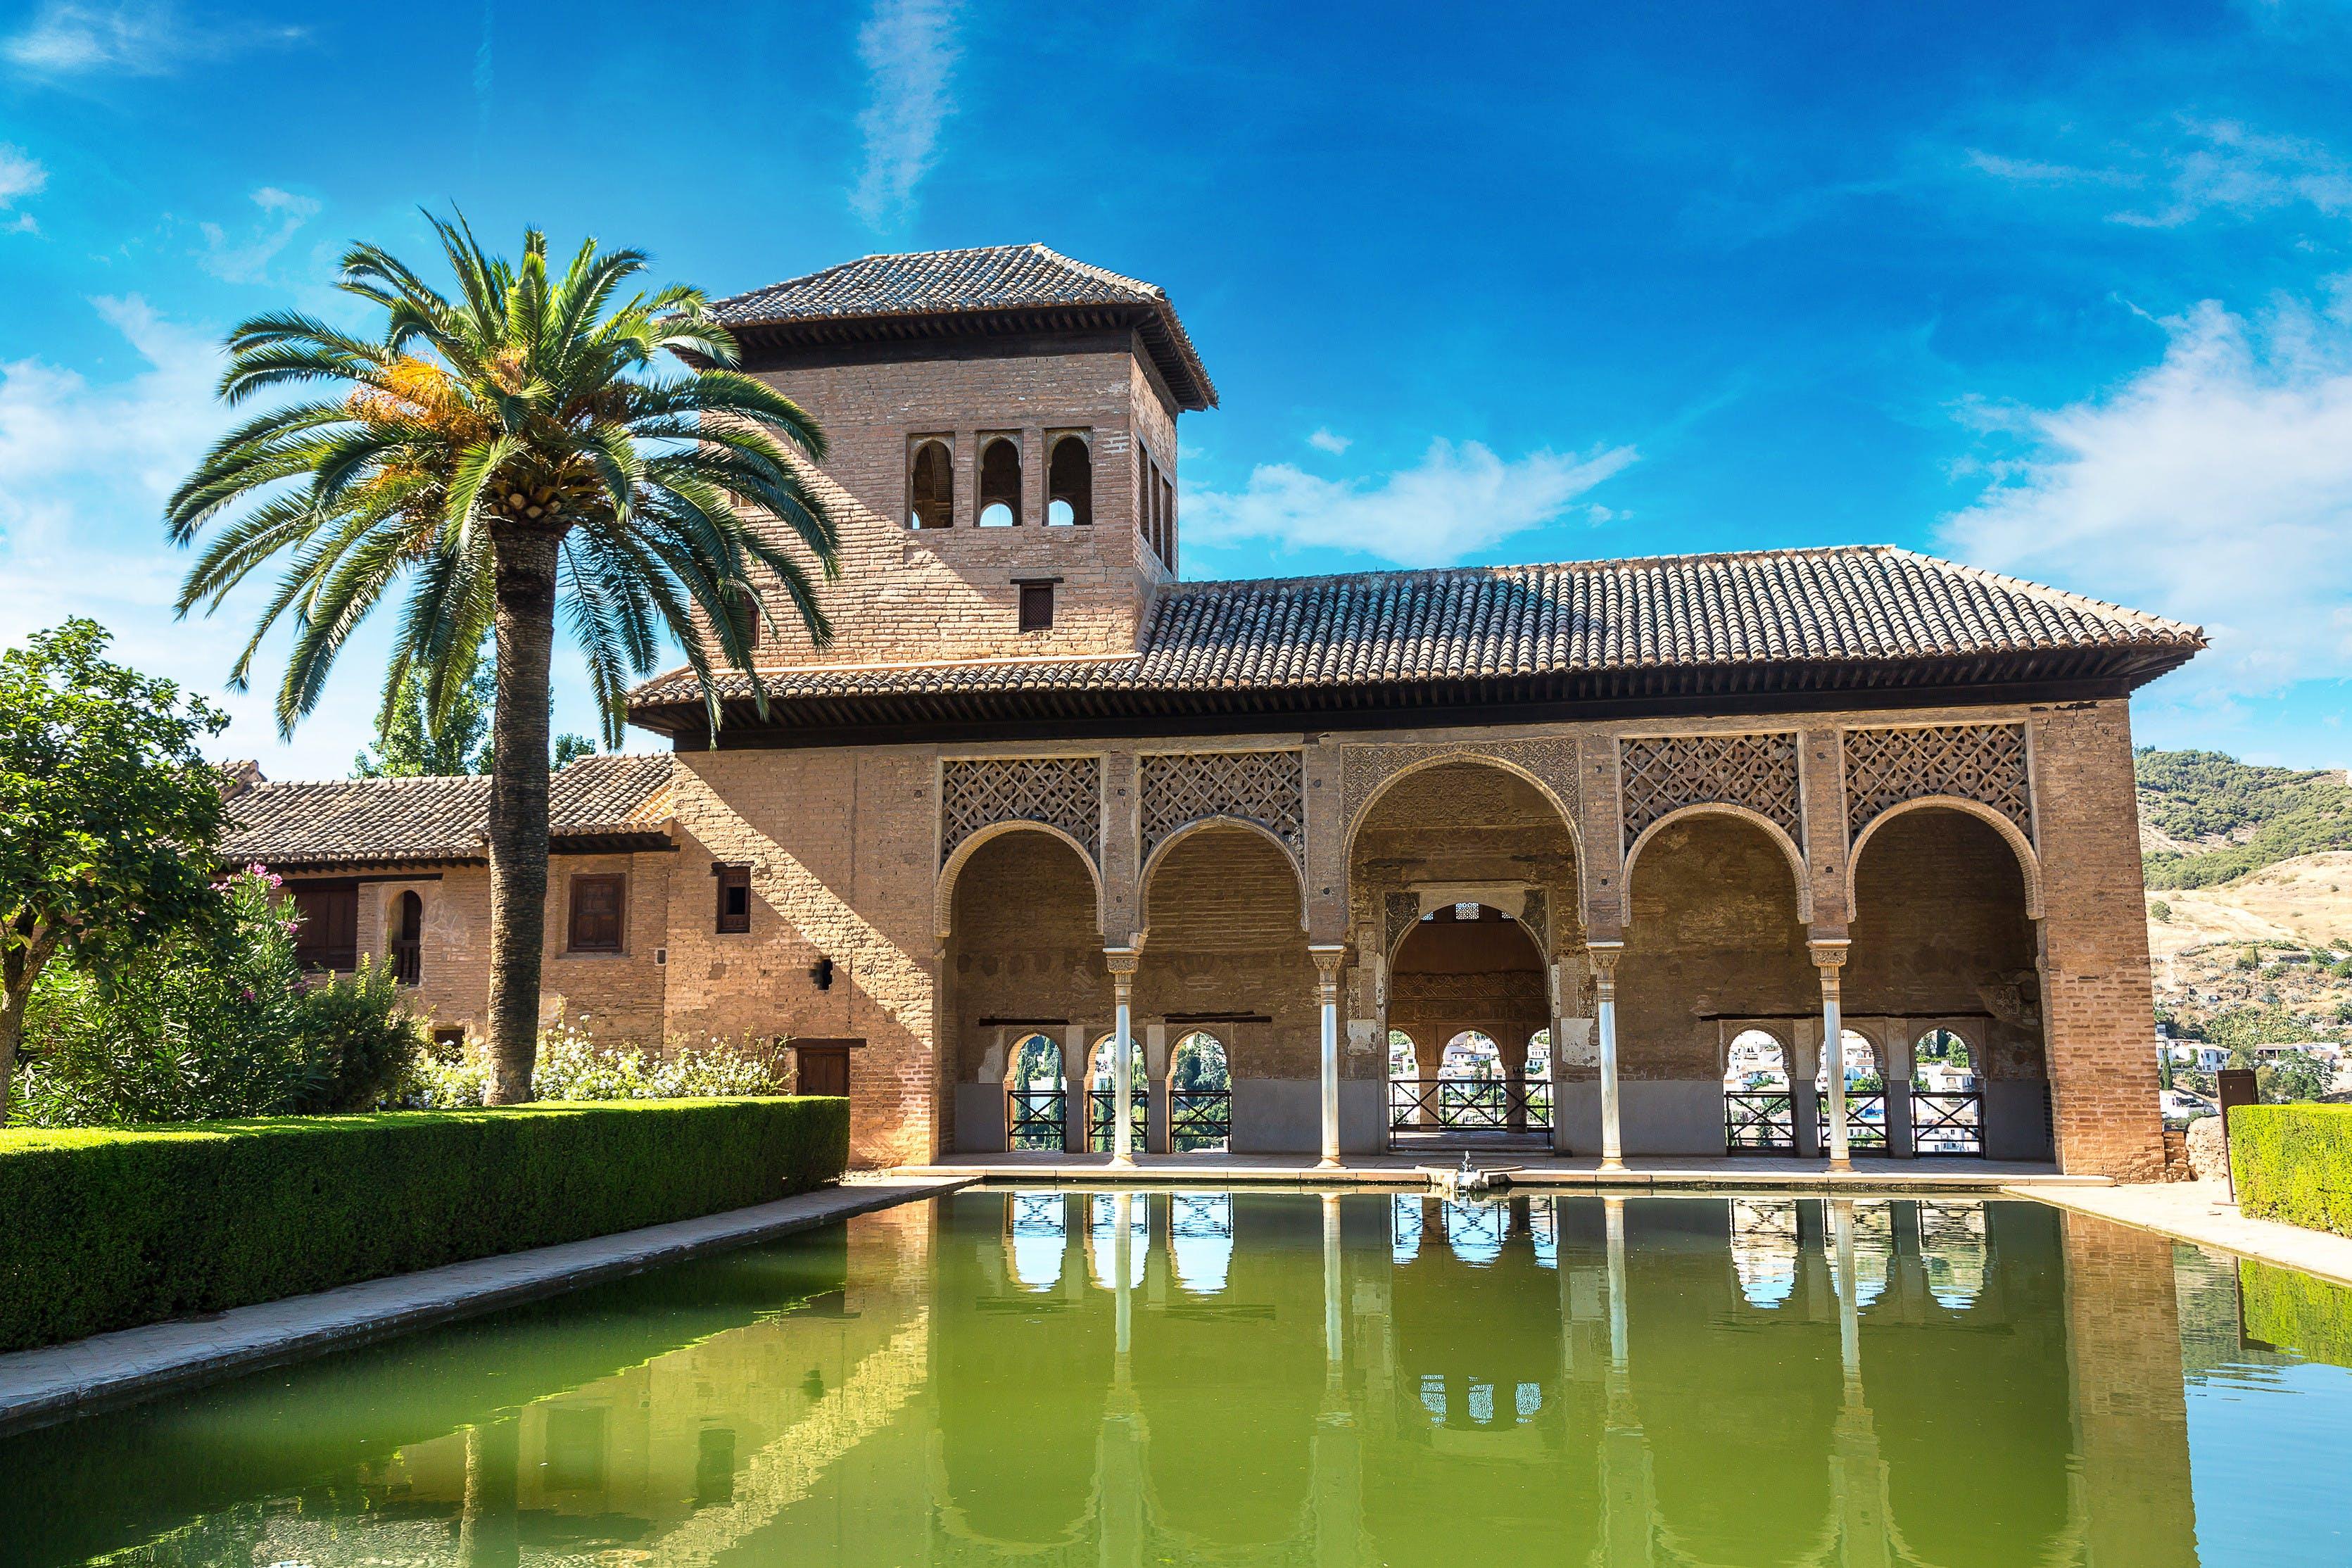 Partal Palacio en Alhambra.jpg